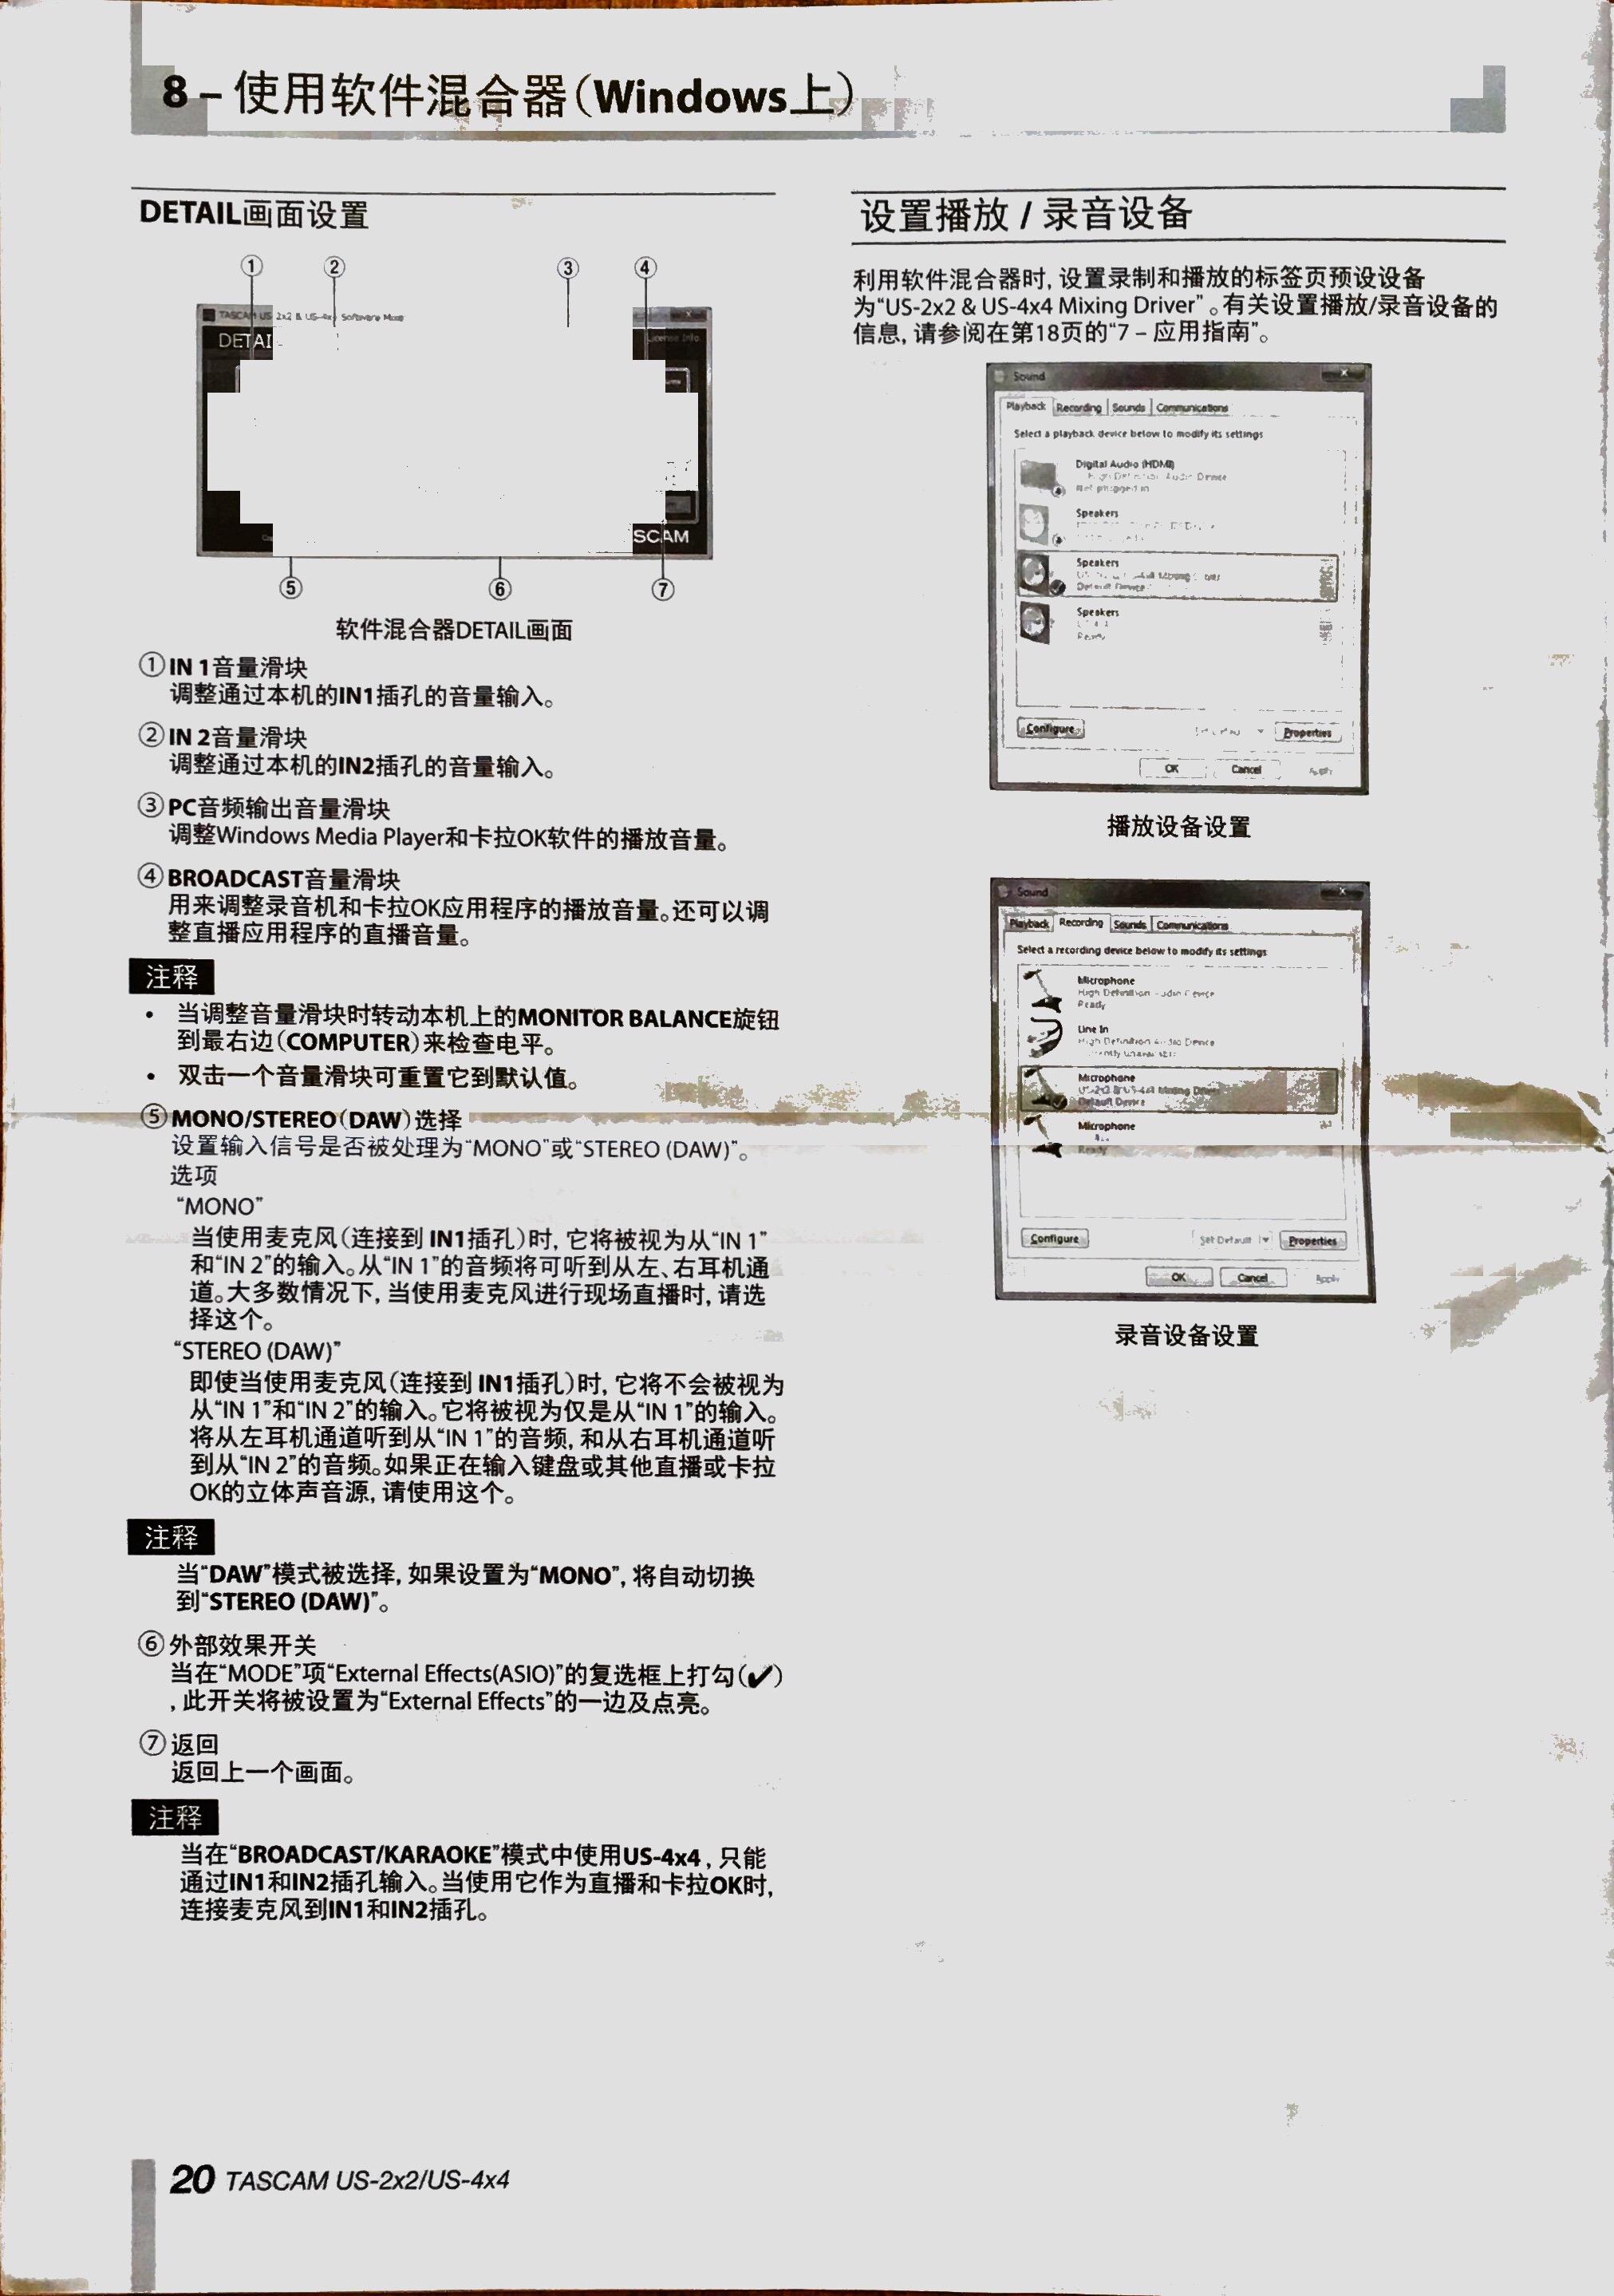 Tascam us 2x2 中文说明书